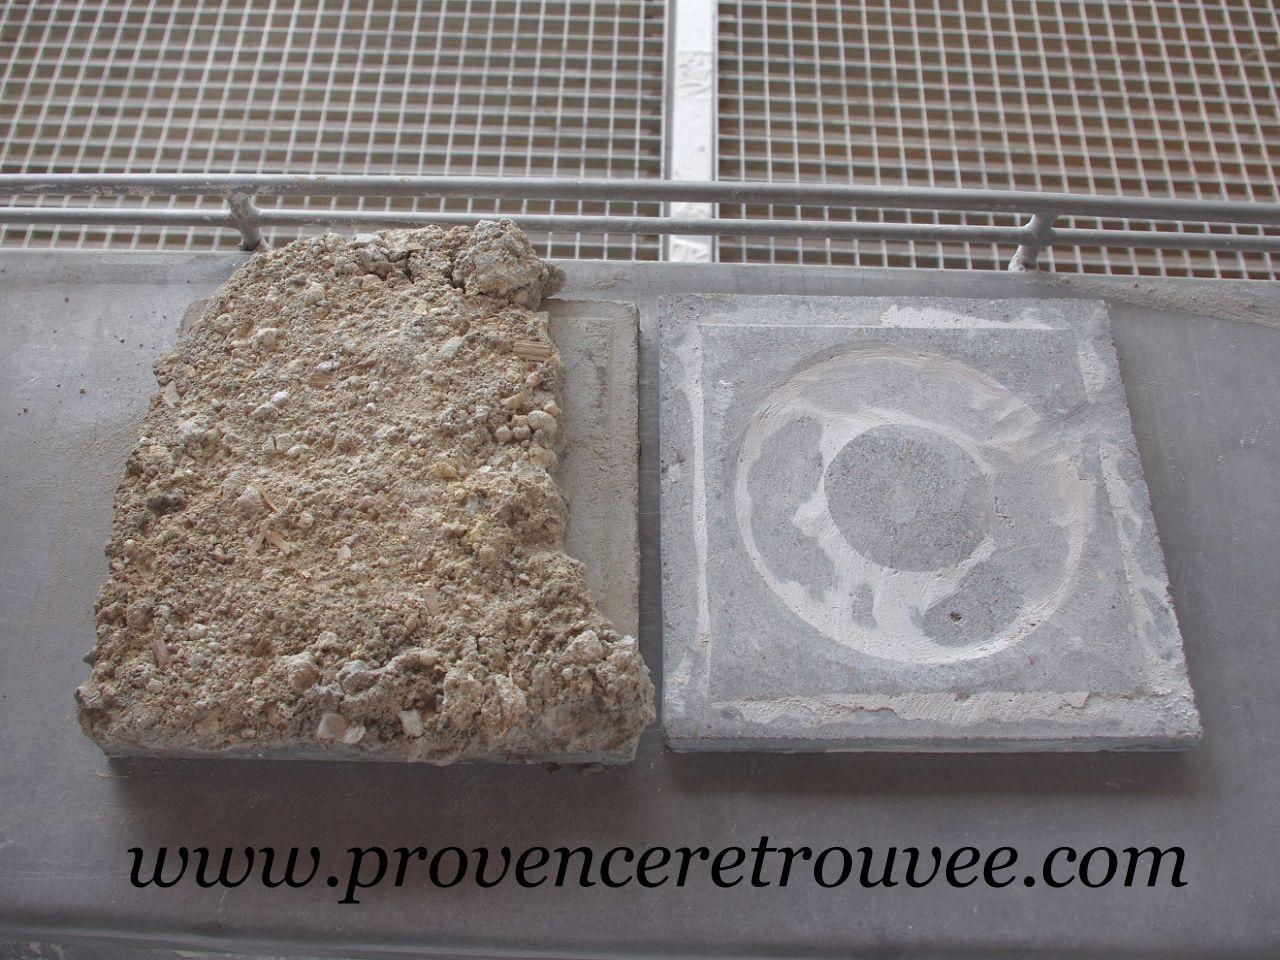 Nettoyage De La Face Arriere Avant Et Apres Meulage Carreaux De Ciment Anciens Carreau De Ciment Carreau